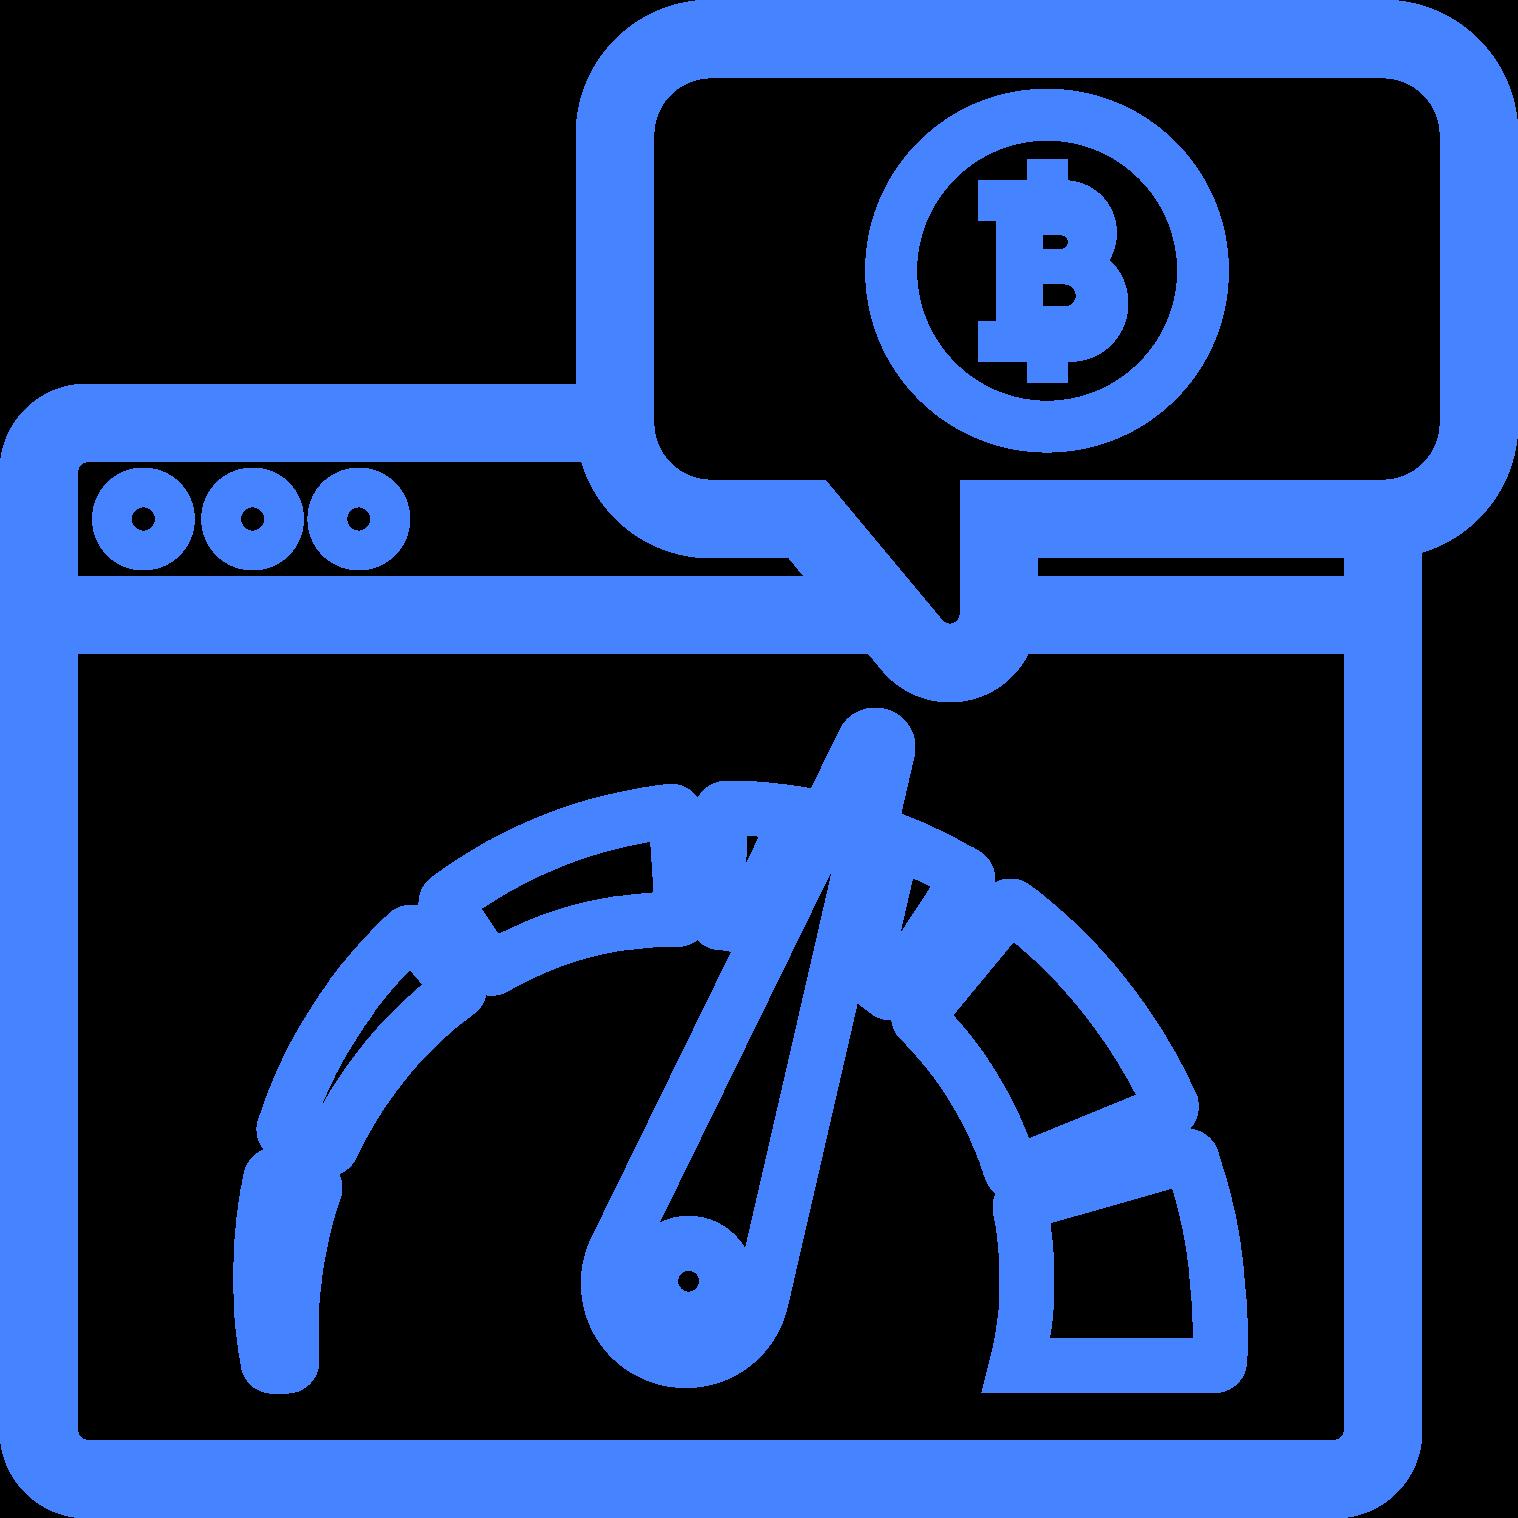 BlockChain_Optimum_Icon